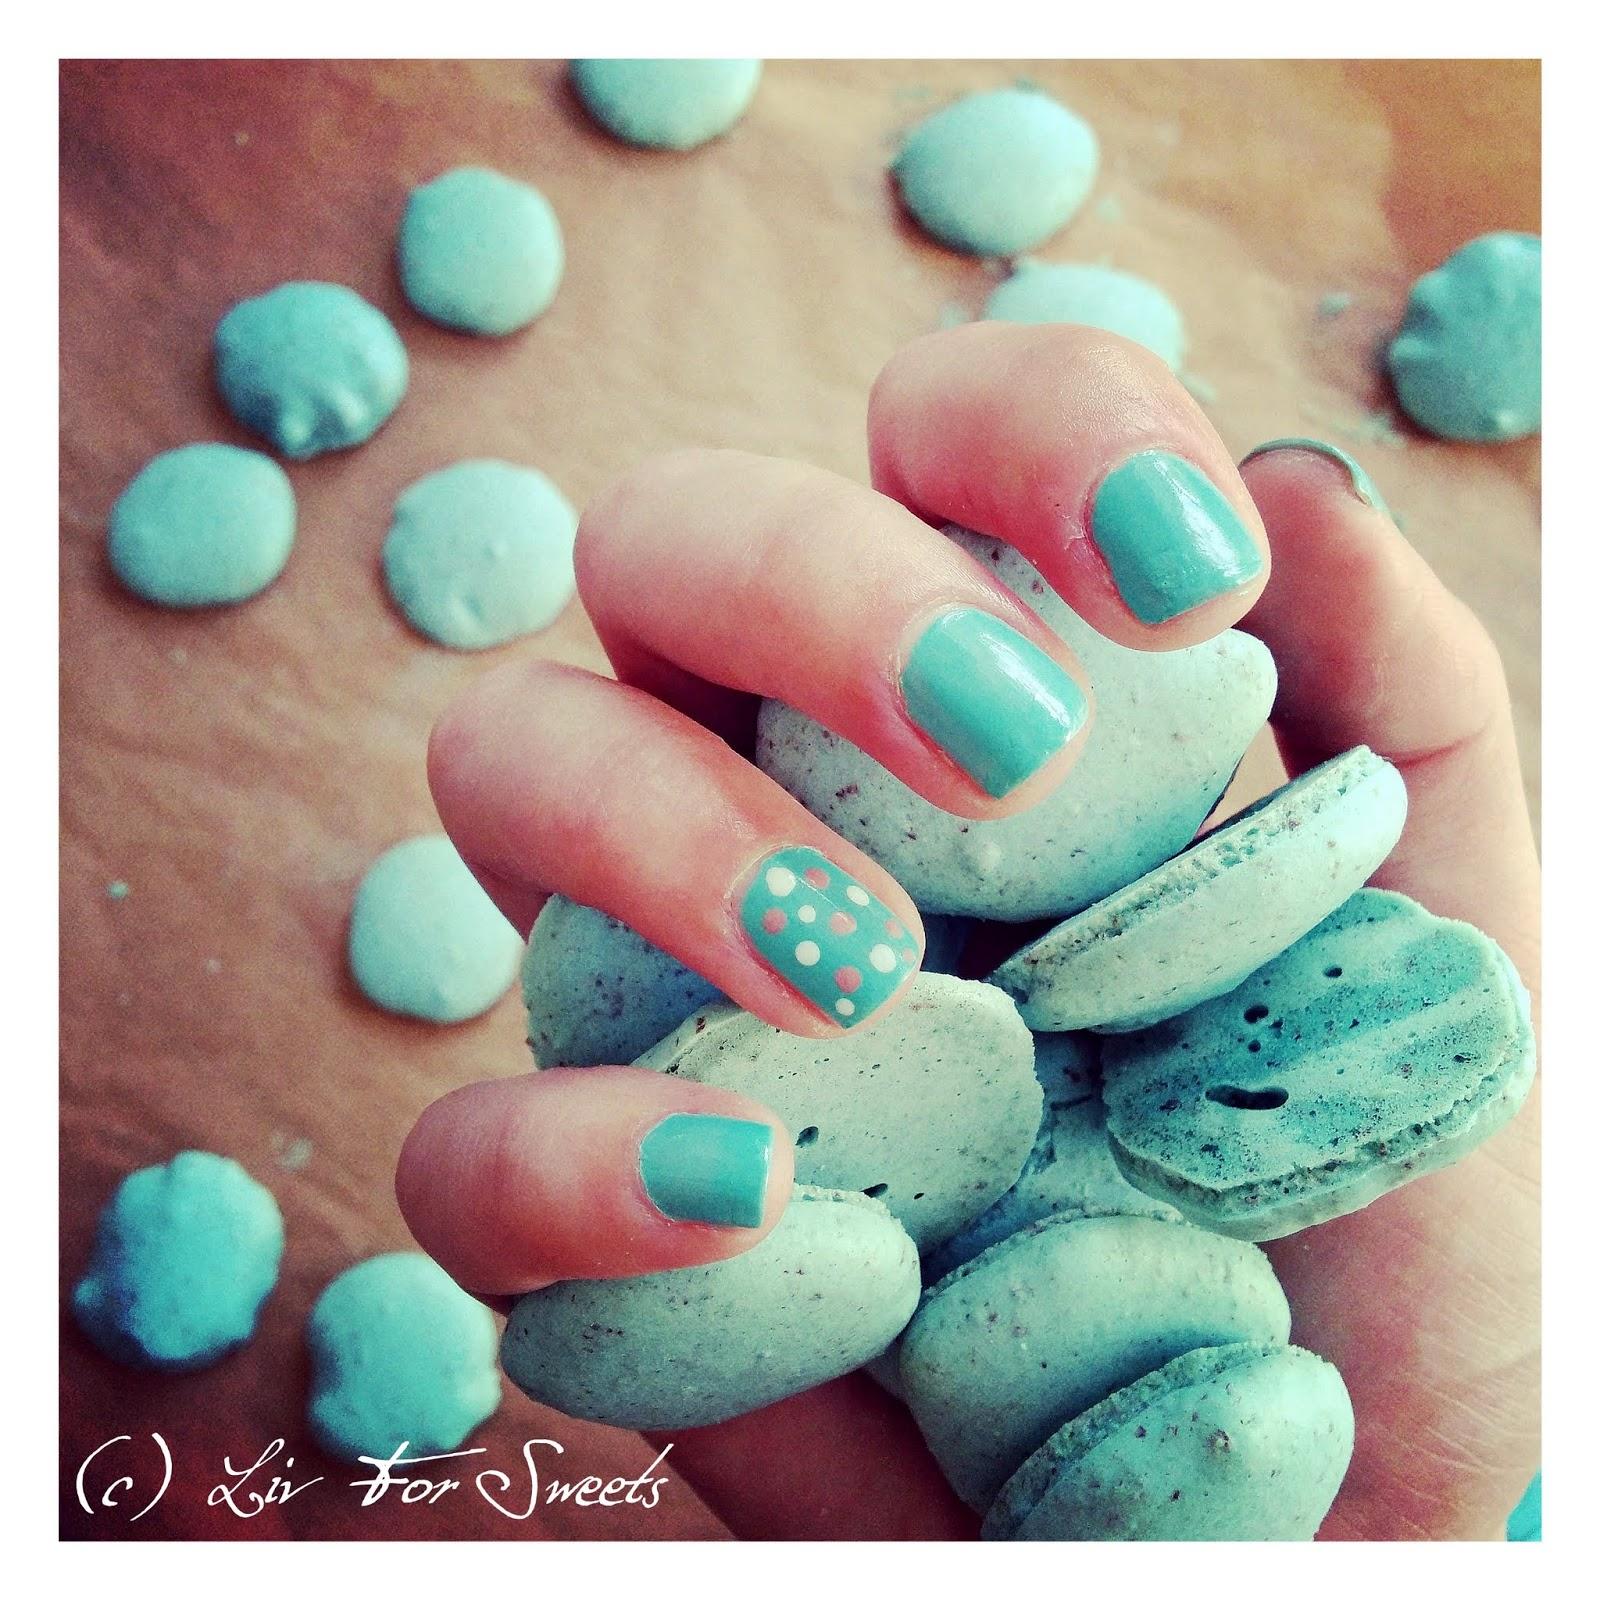 Macarons in der Farbe türkis / teal / hellblau in einer Hand mit türkisem Nagellack